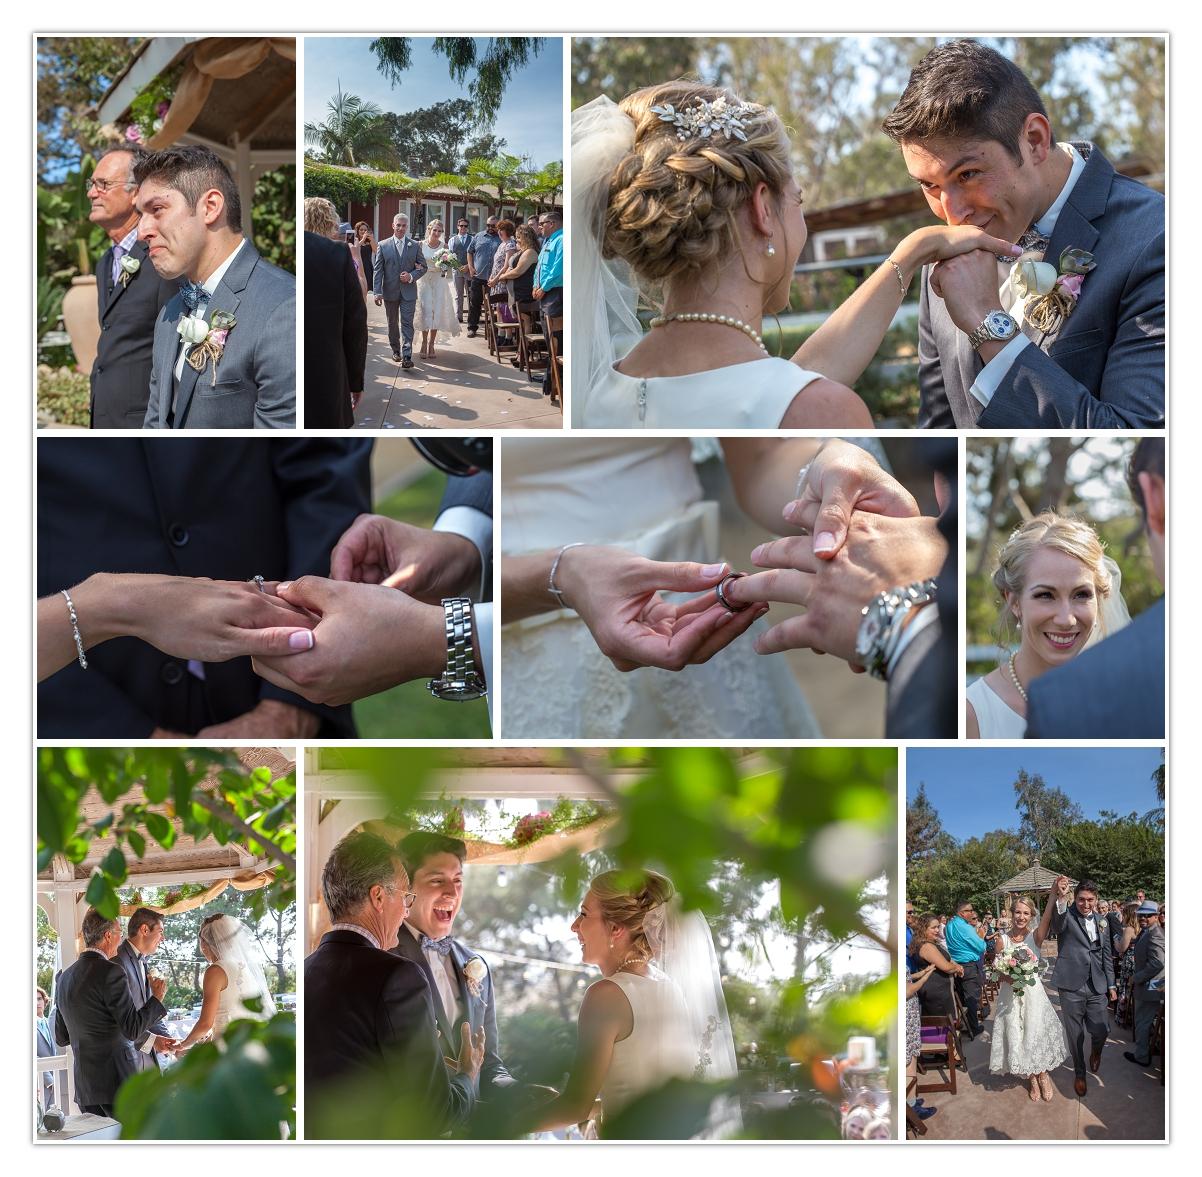 wedding rings, wedding bands, tears, kisses, cheers